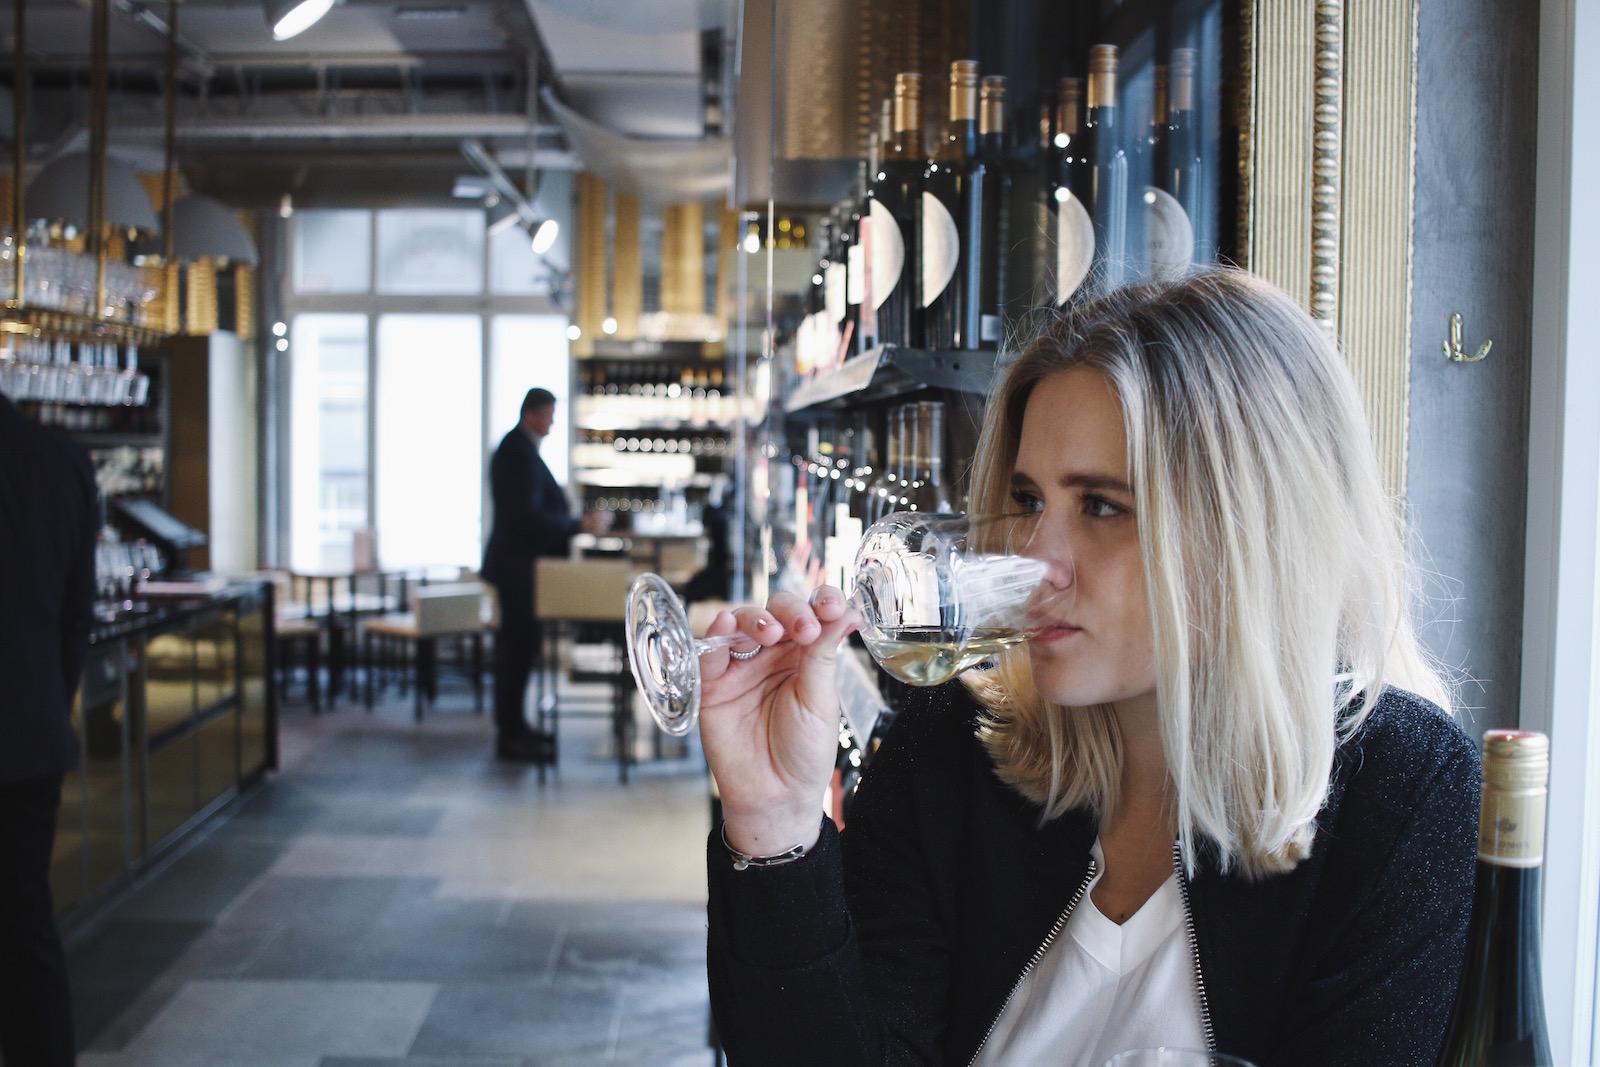 Weinbar im Merkur Hoher Markt_Restauranttest Review Weinverkostung Mittagsmenü_Wien erster Bezirk_Meanwhile in Awesometown_Wiener Männerblog Modeblog Lifestyleblog für Männer15